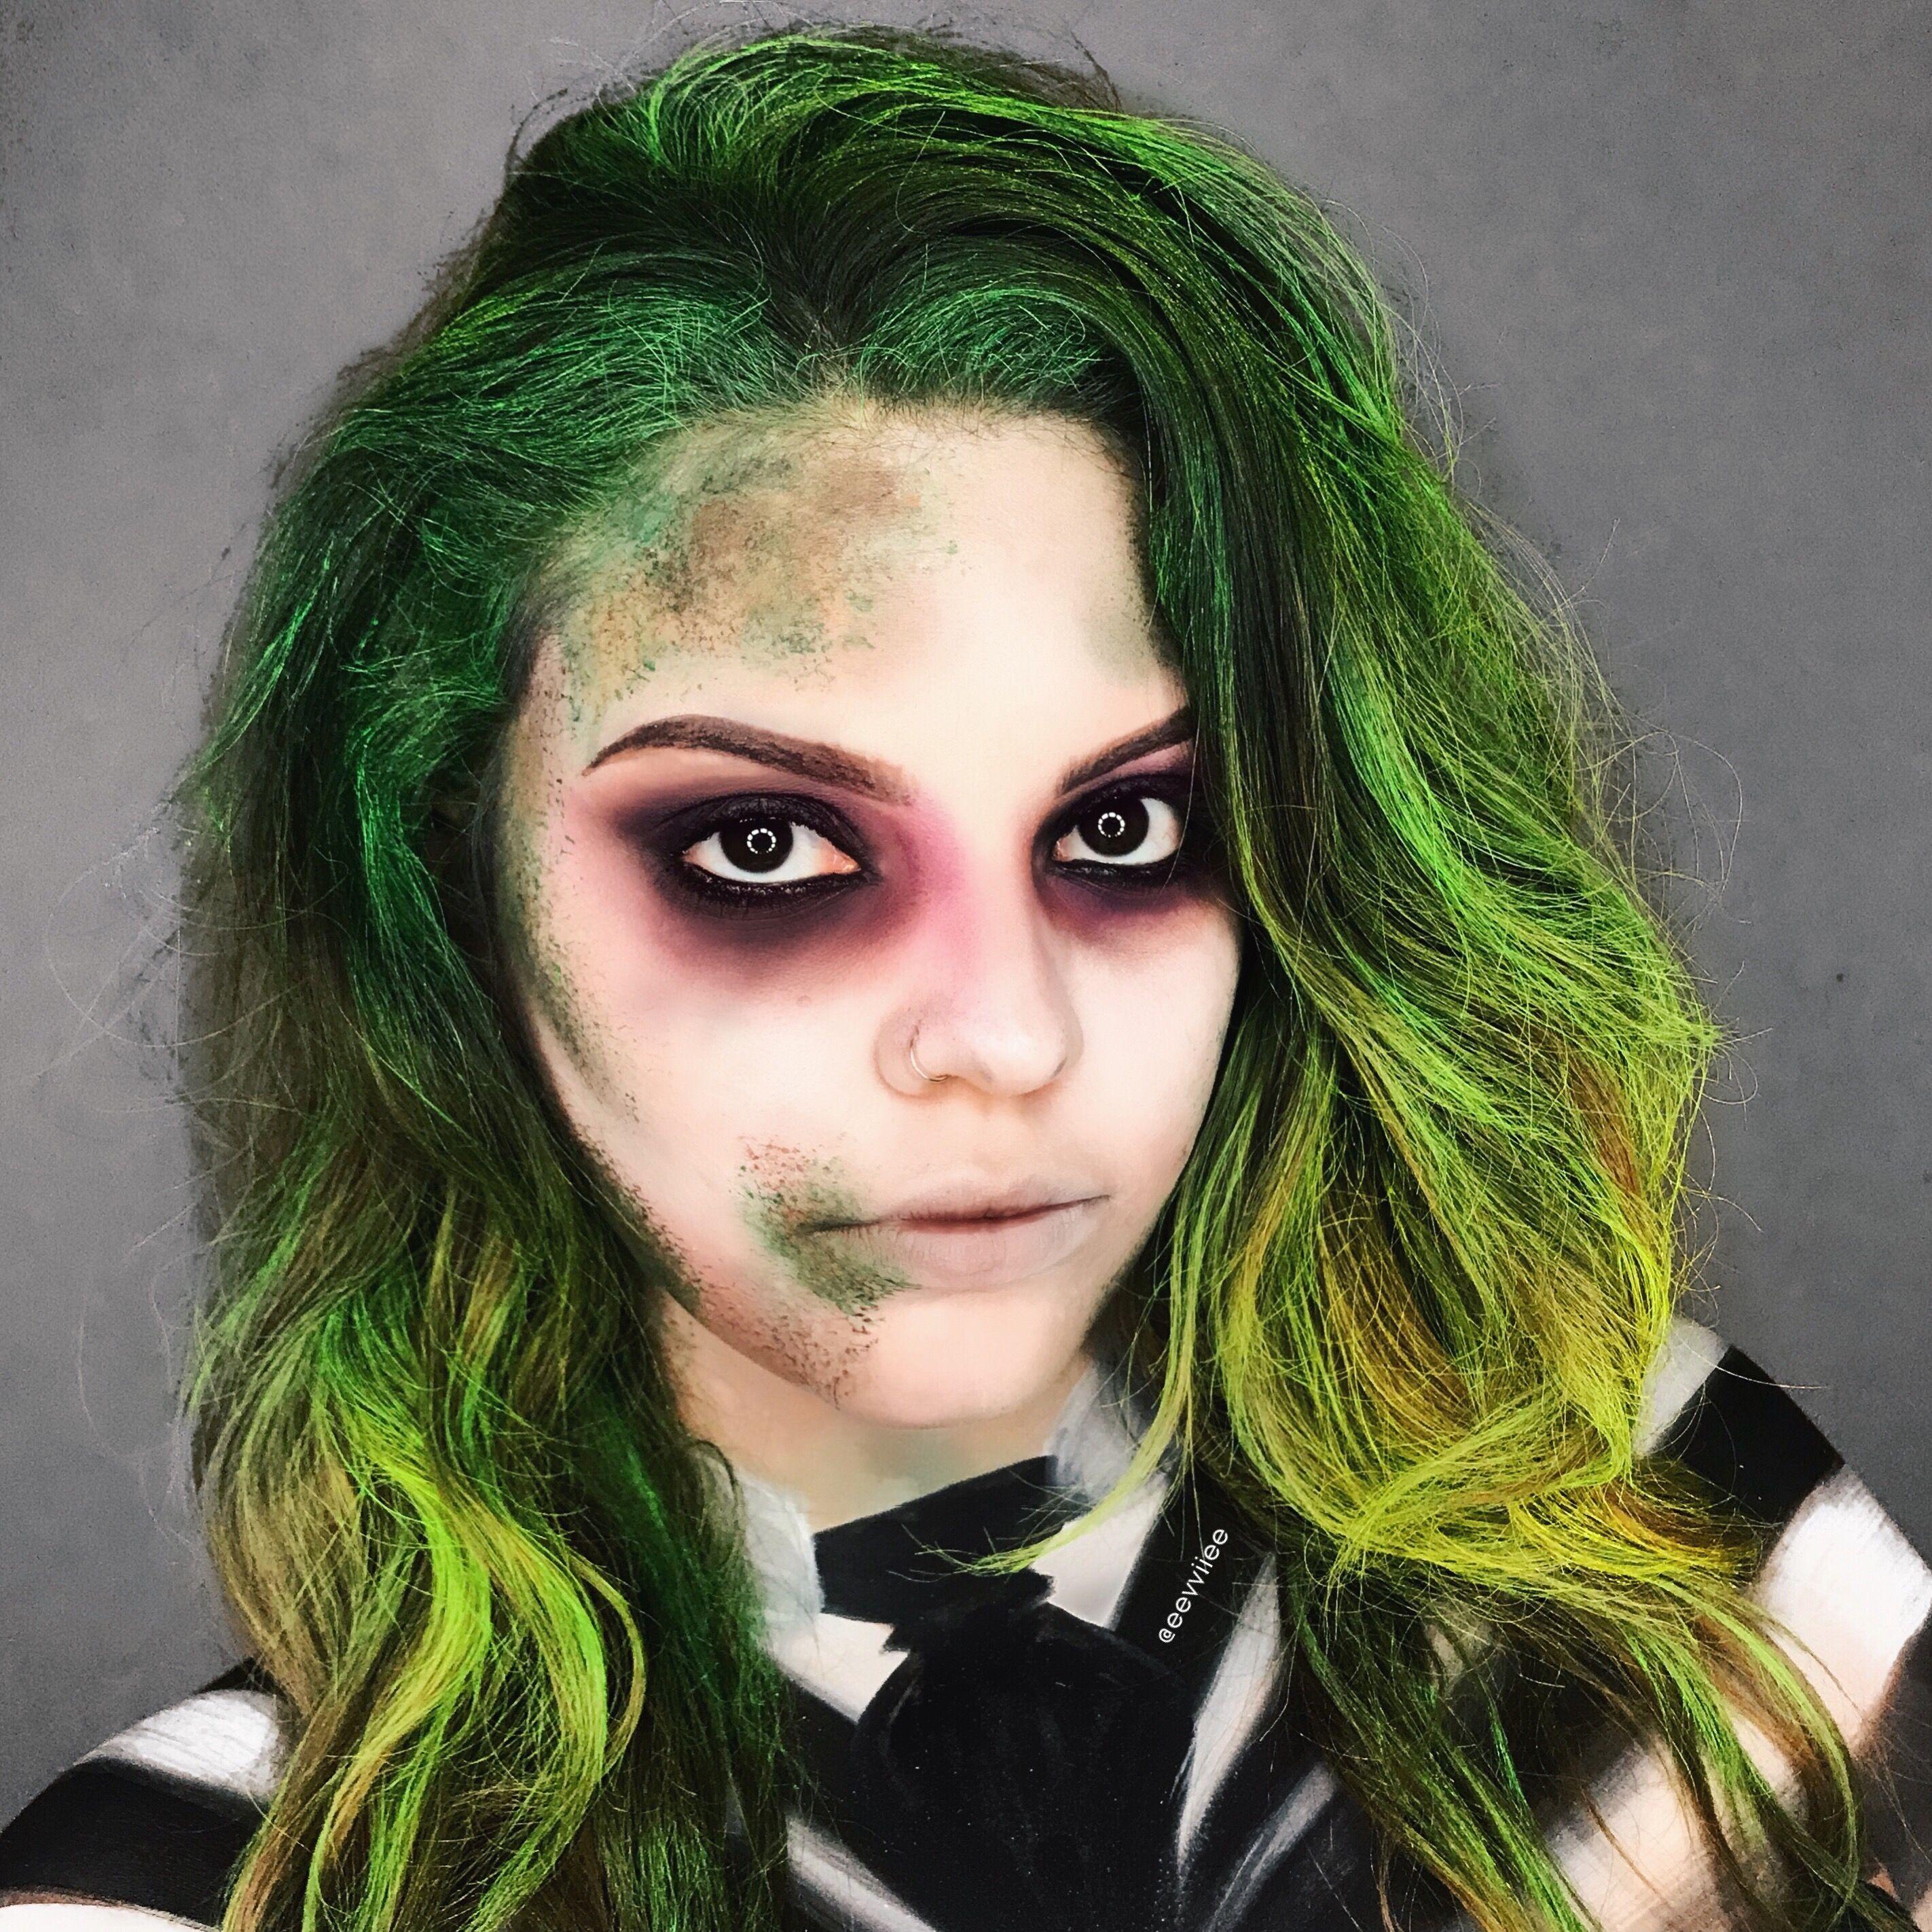 beetlejuice halloween makeup | halloween in 2018 | pinterest